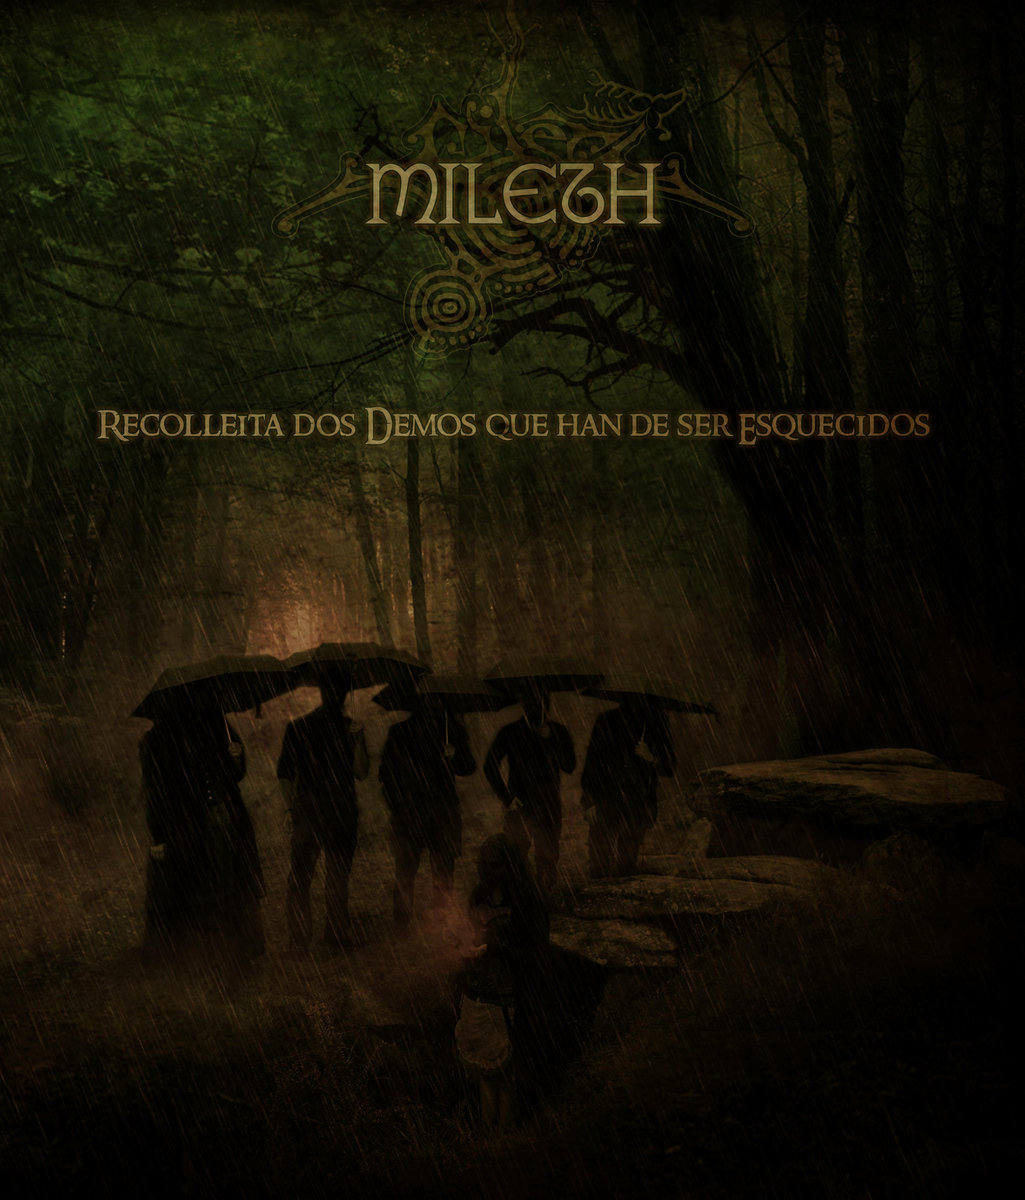 portada del album Recolleita dos Demos que Han de Ser Esquecidos